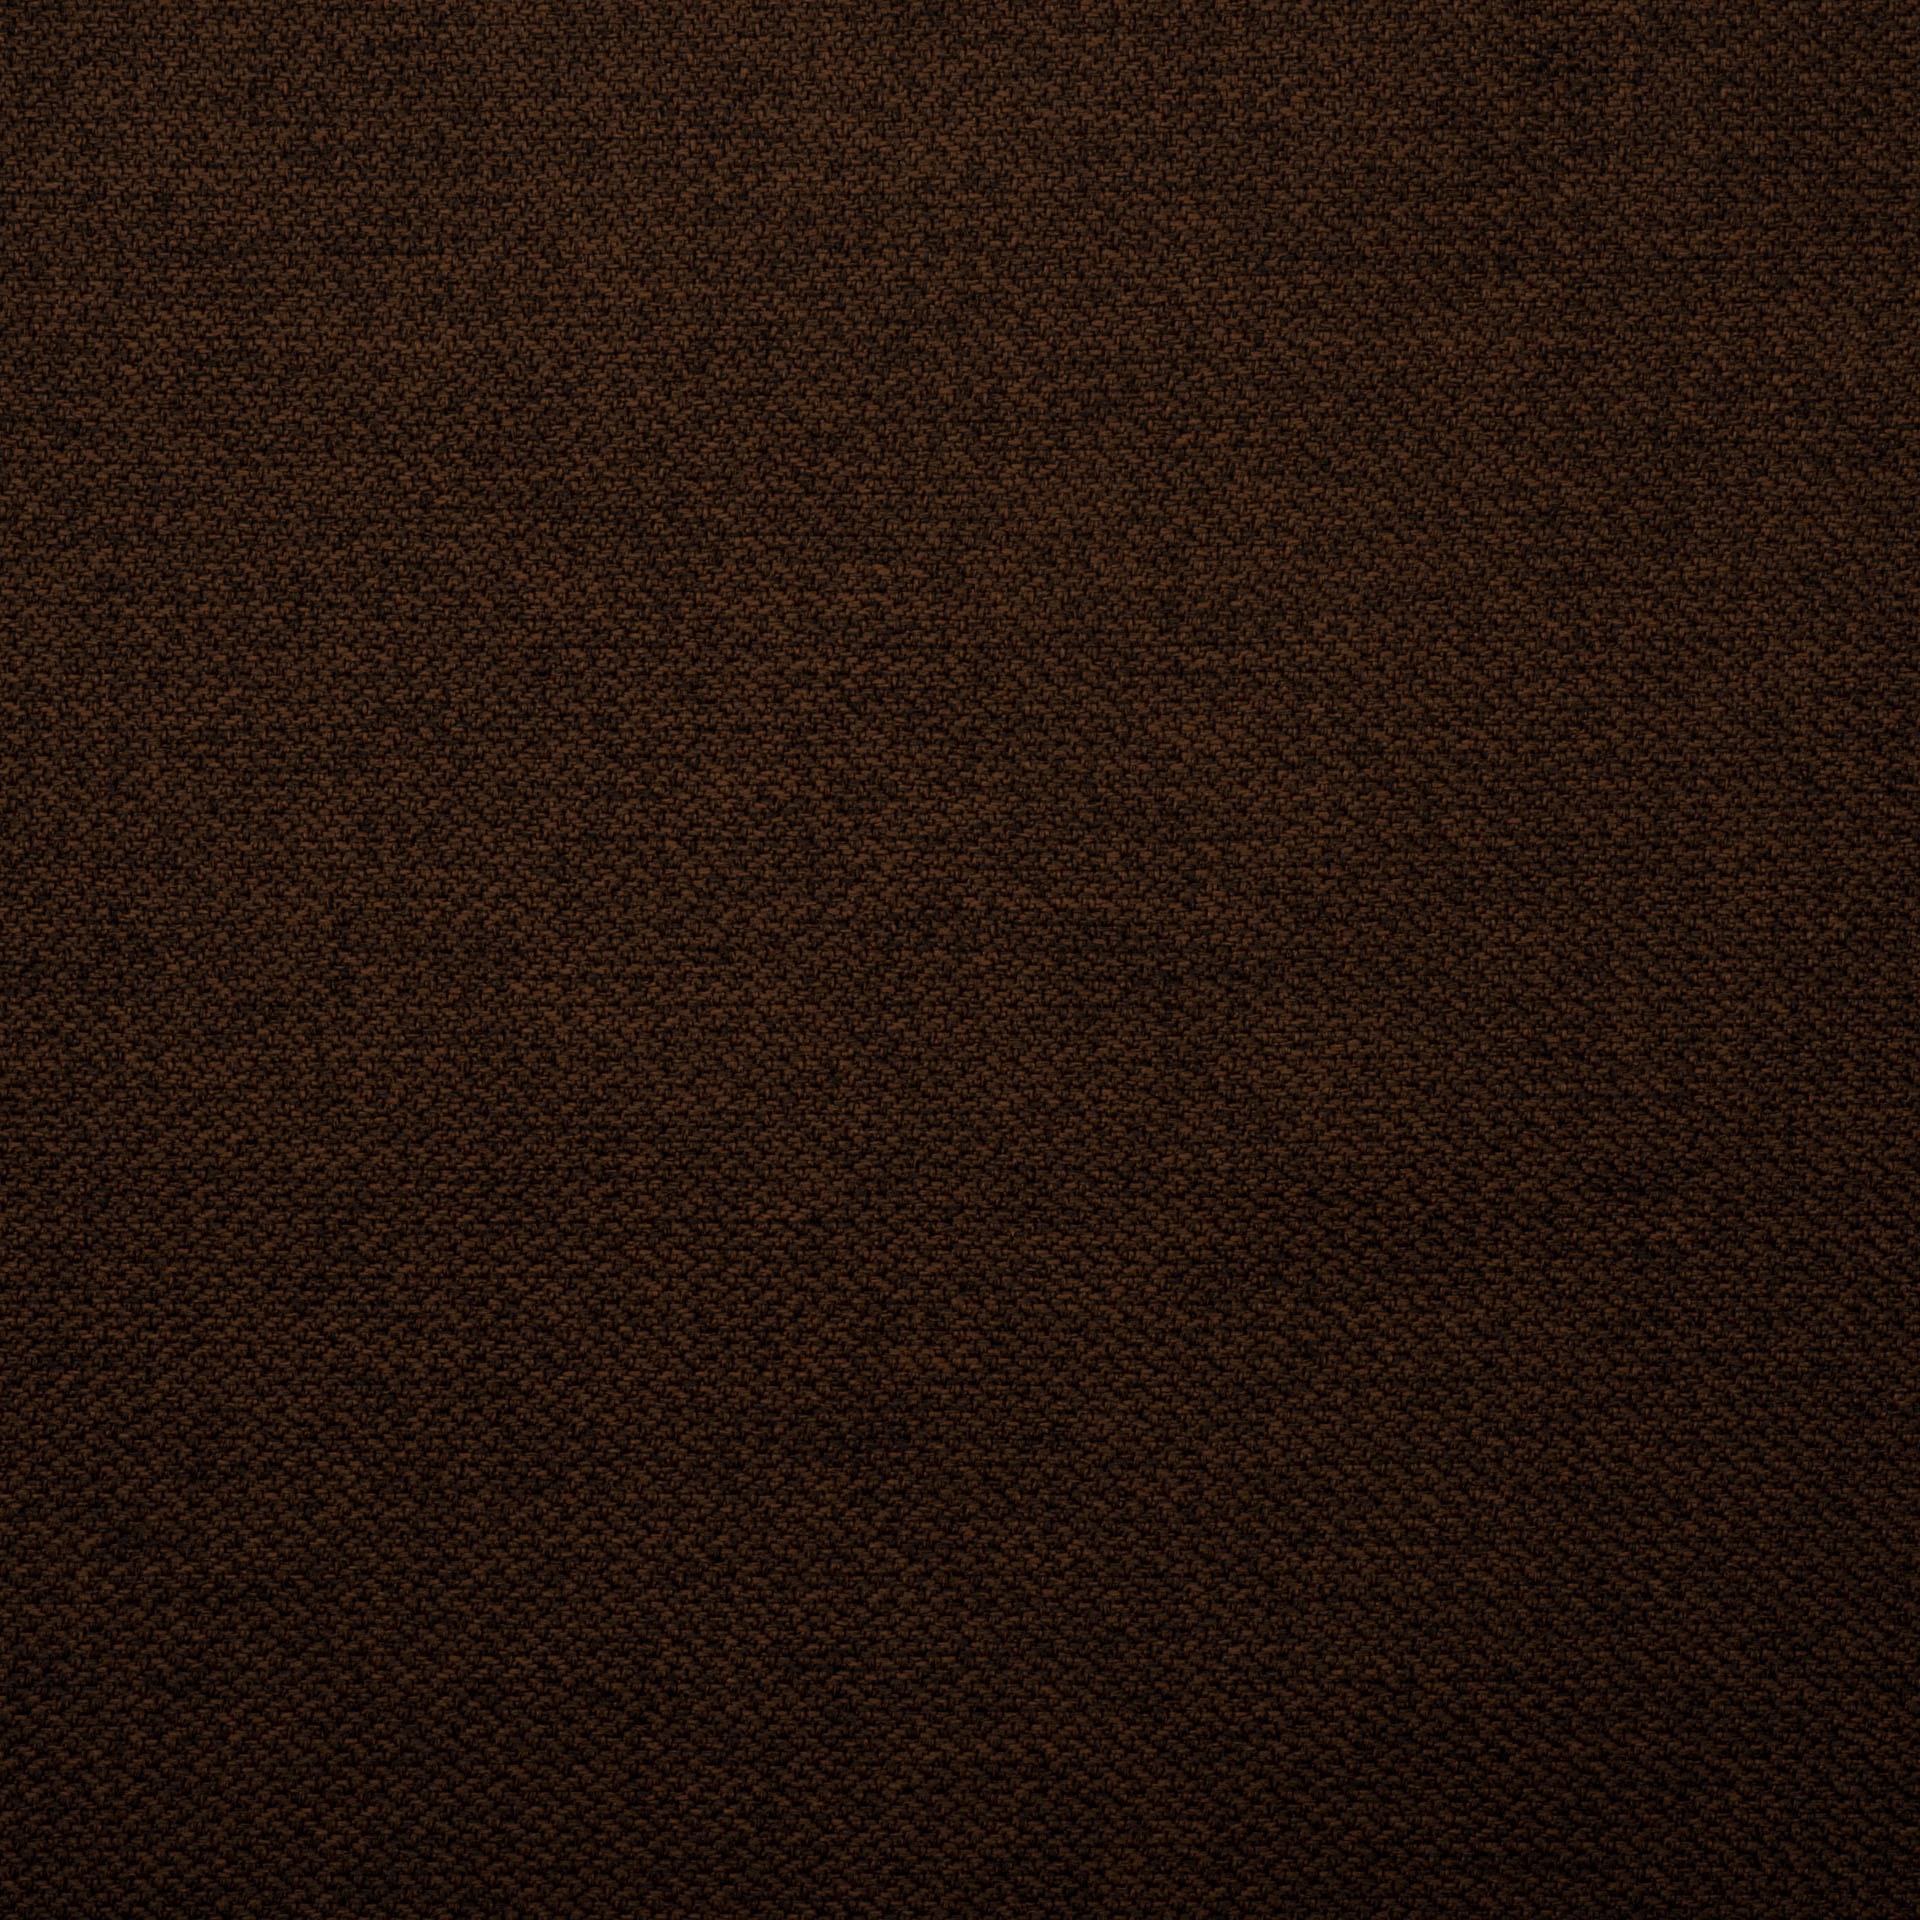 Коллекция ткани Мальмо BROWN 25,  купить ткань Жаккард для мебели Украина